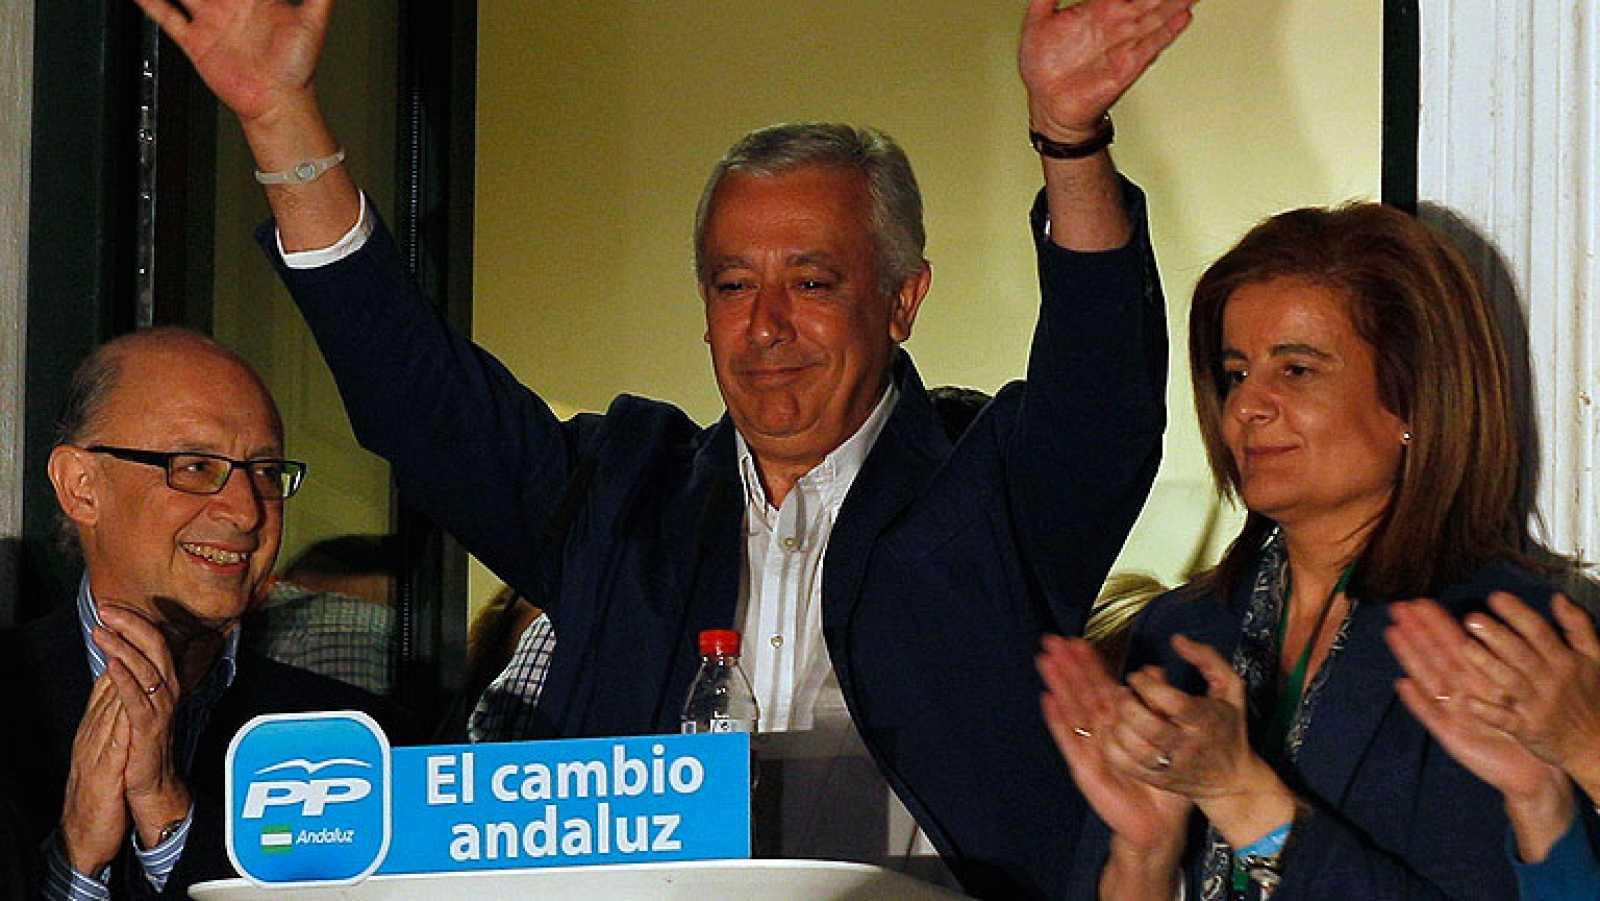 El PP gana en Andalucía, pero no consigue mayoría absoluta